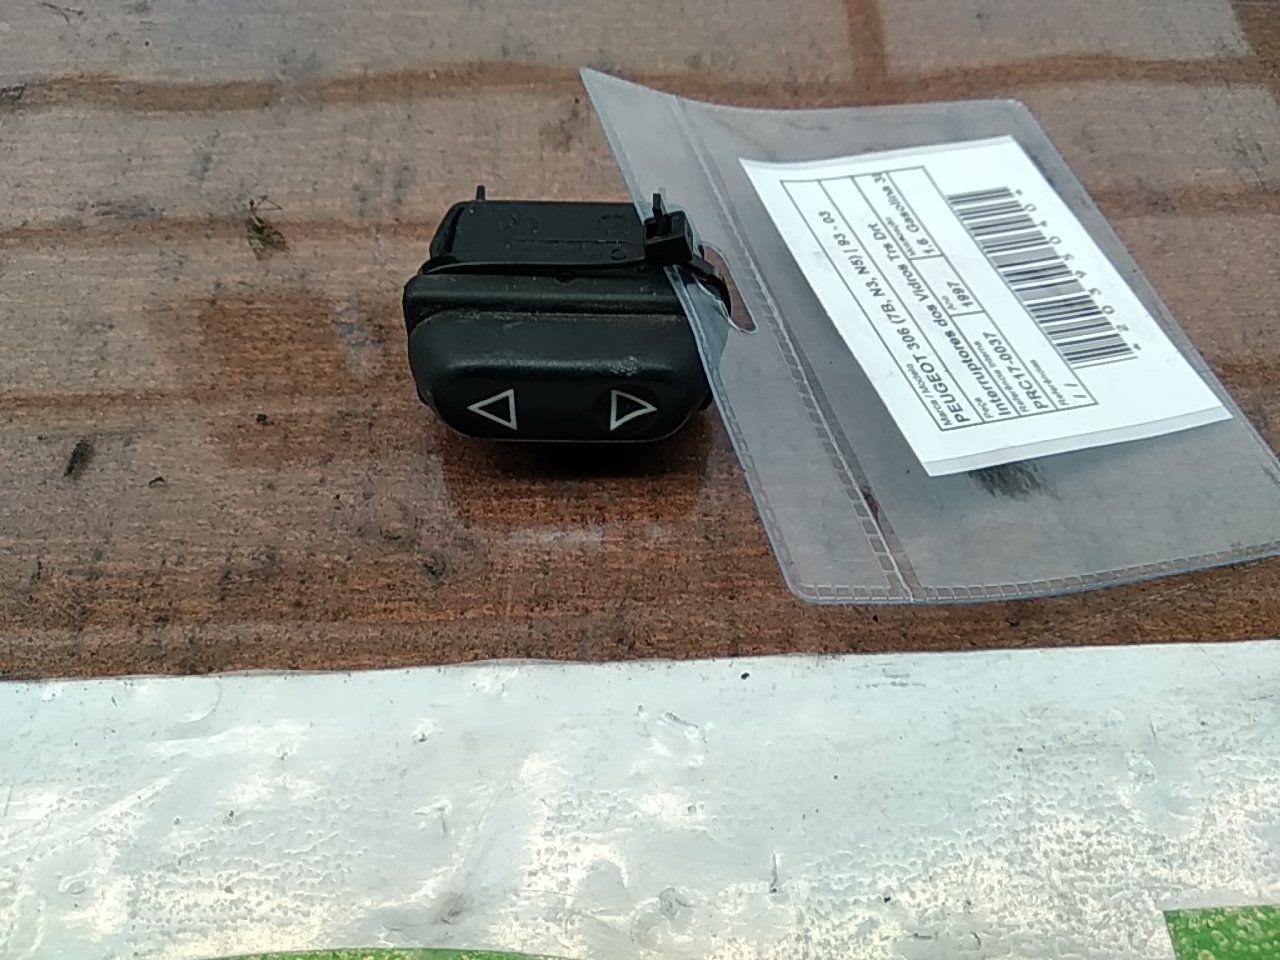 Interruptores dos Vidros Trs Drt (20395040).